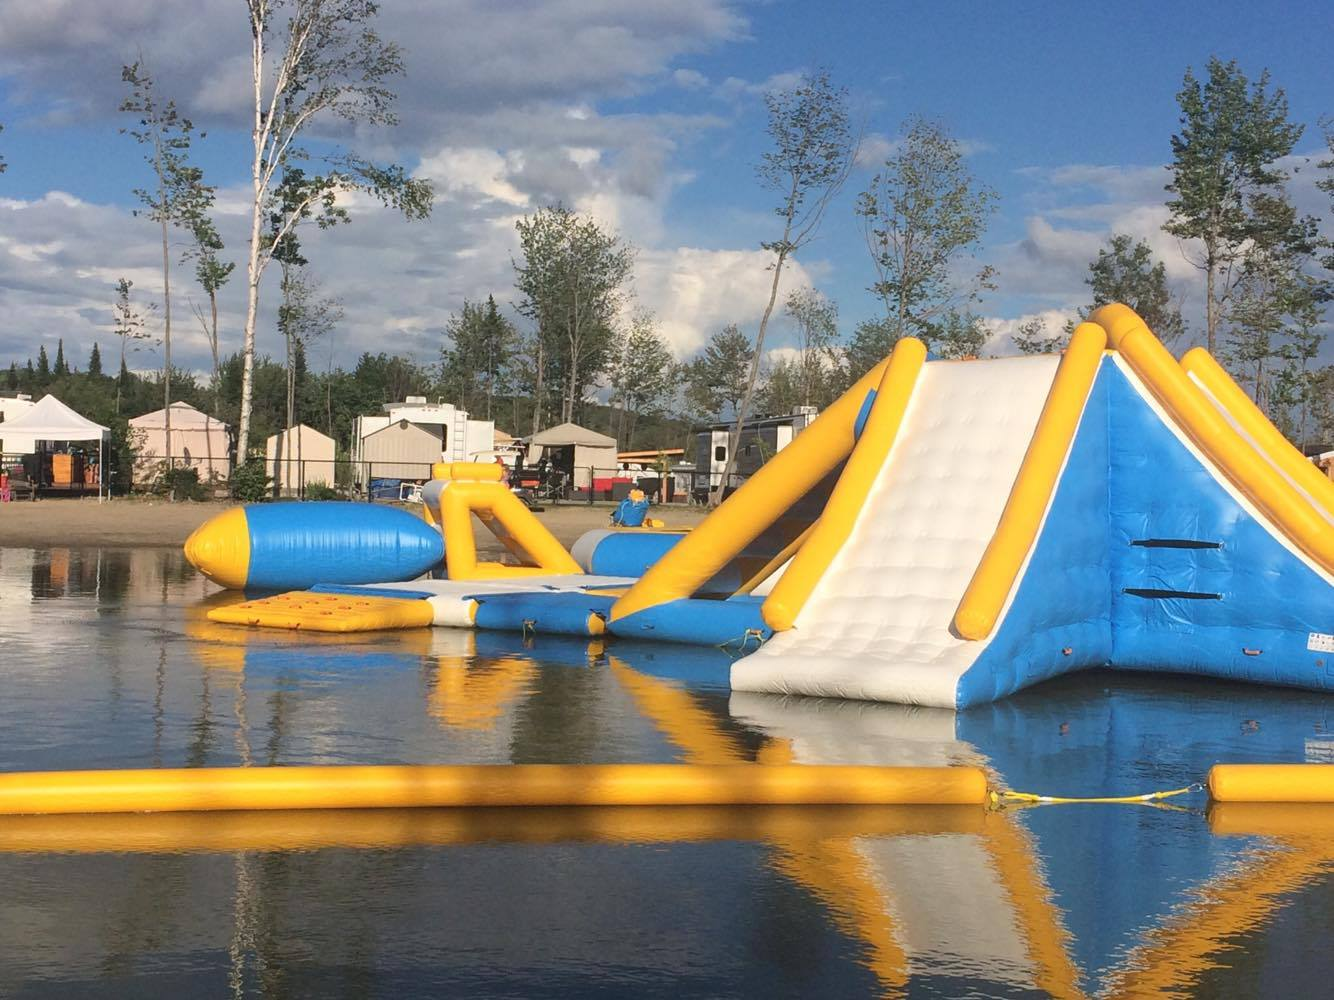 http://www.parc-aquatique.com/wp-content/uploads/2017/07/parcours-gonflable-lac-complexe-atlantide-1.jpg